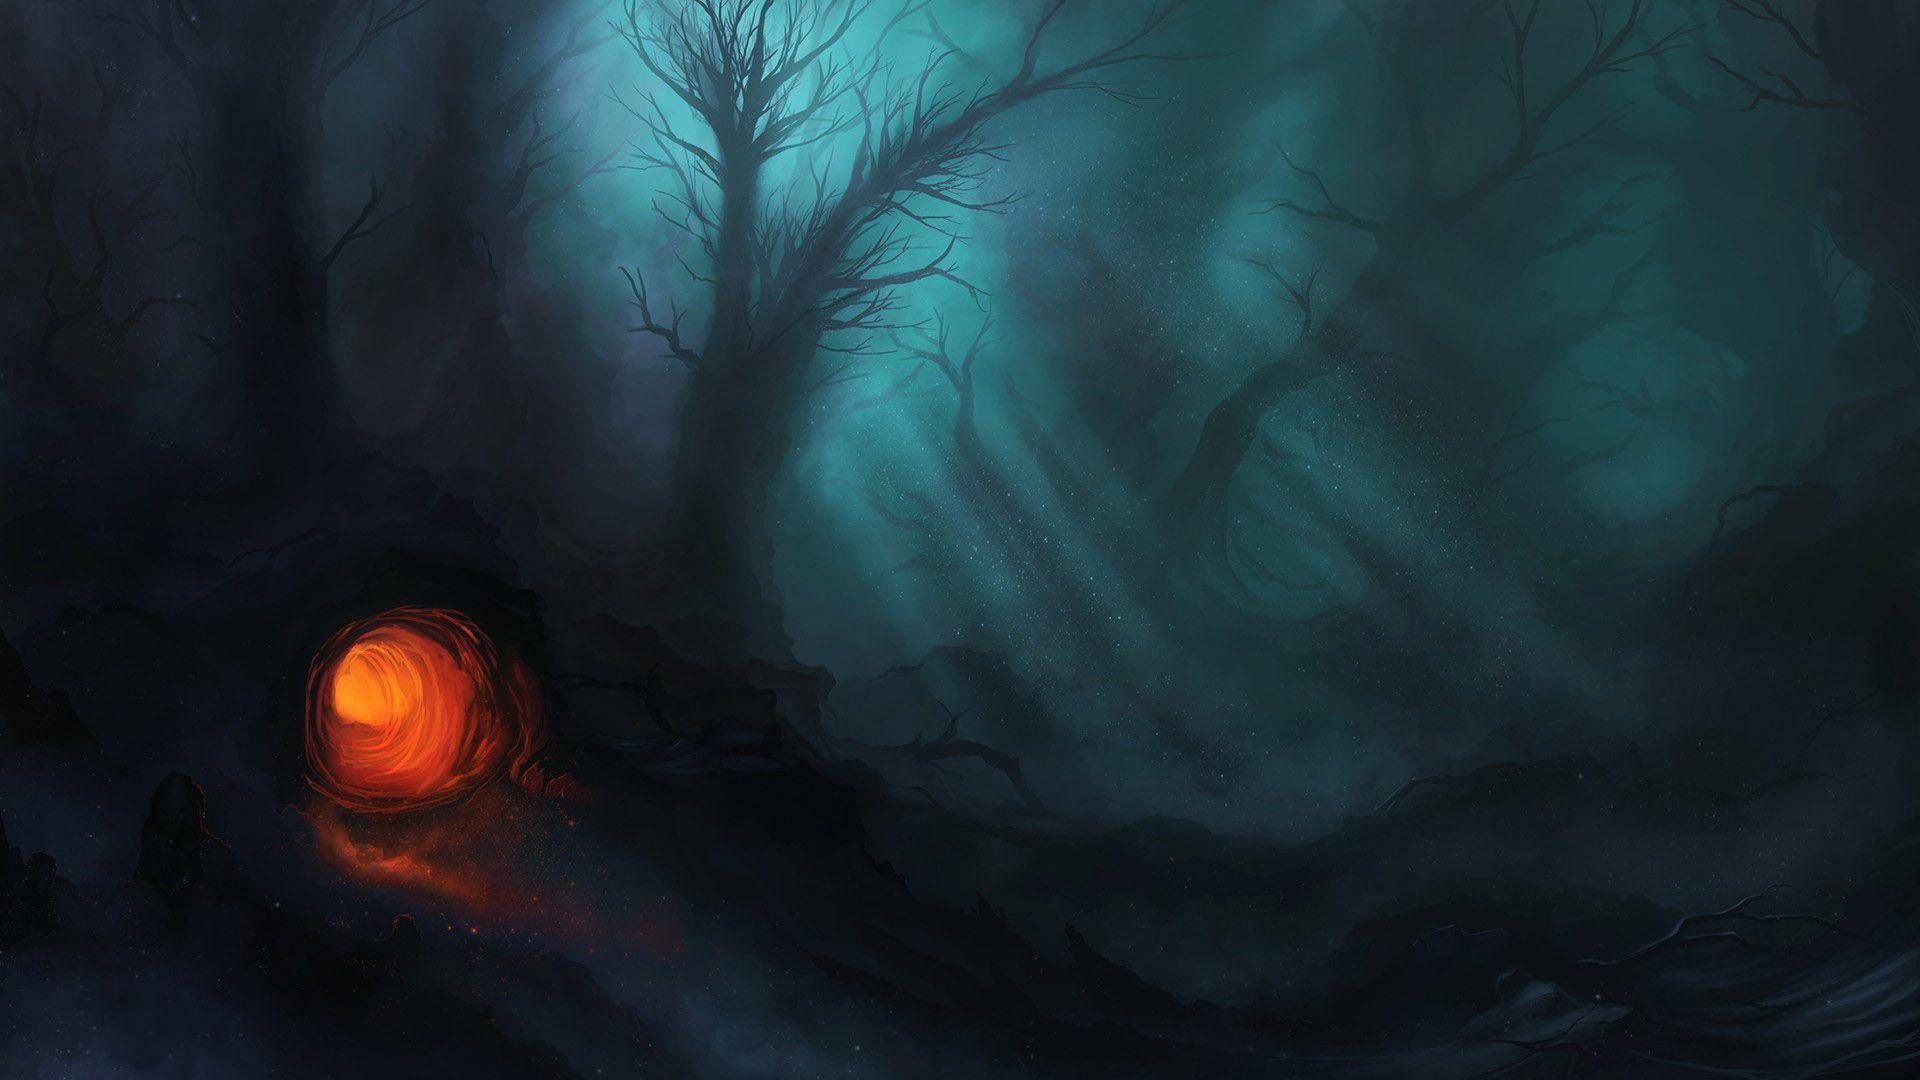 Creepy Forest Wallpaper – WallpaperSafari